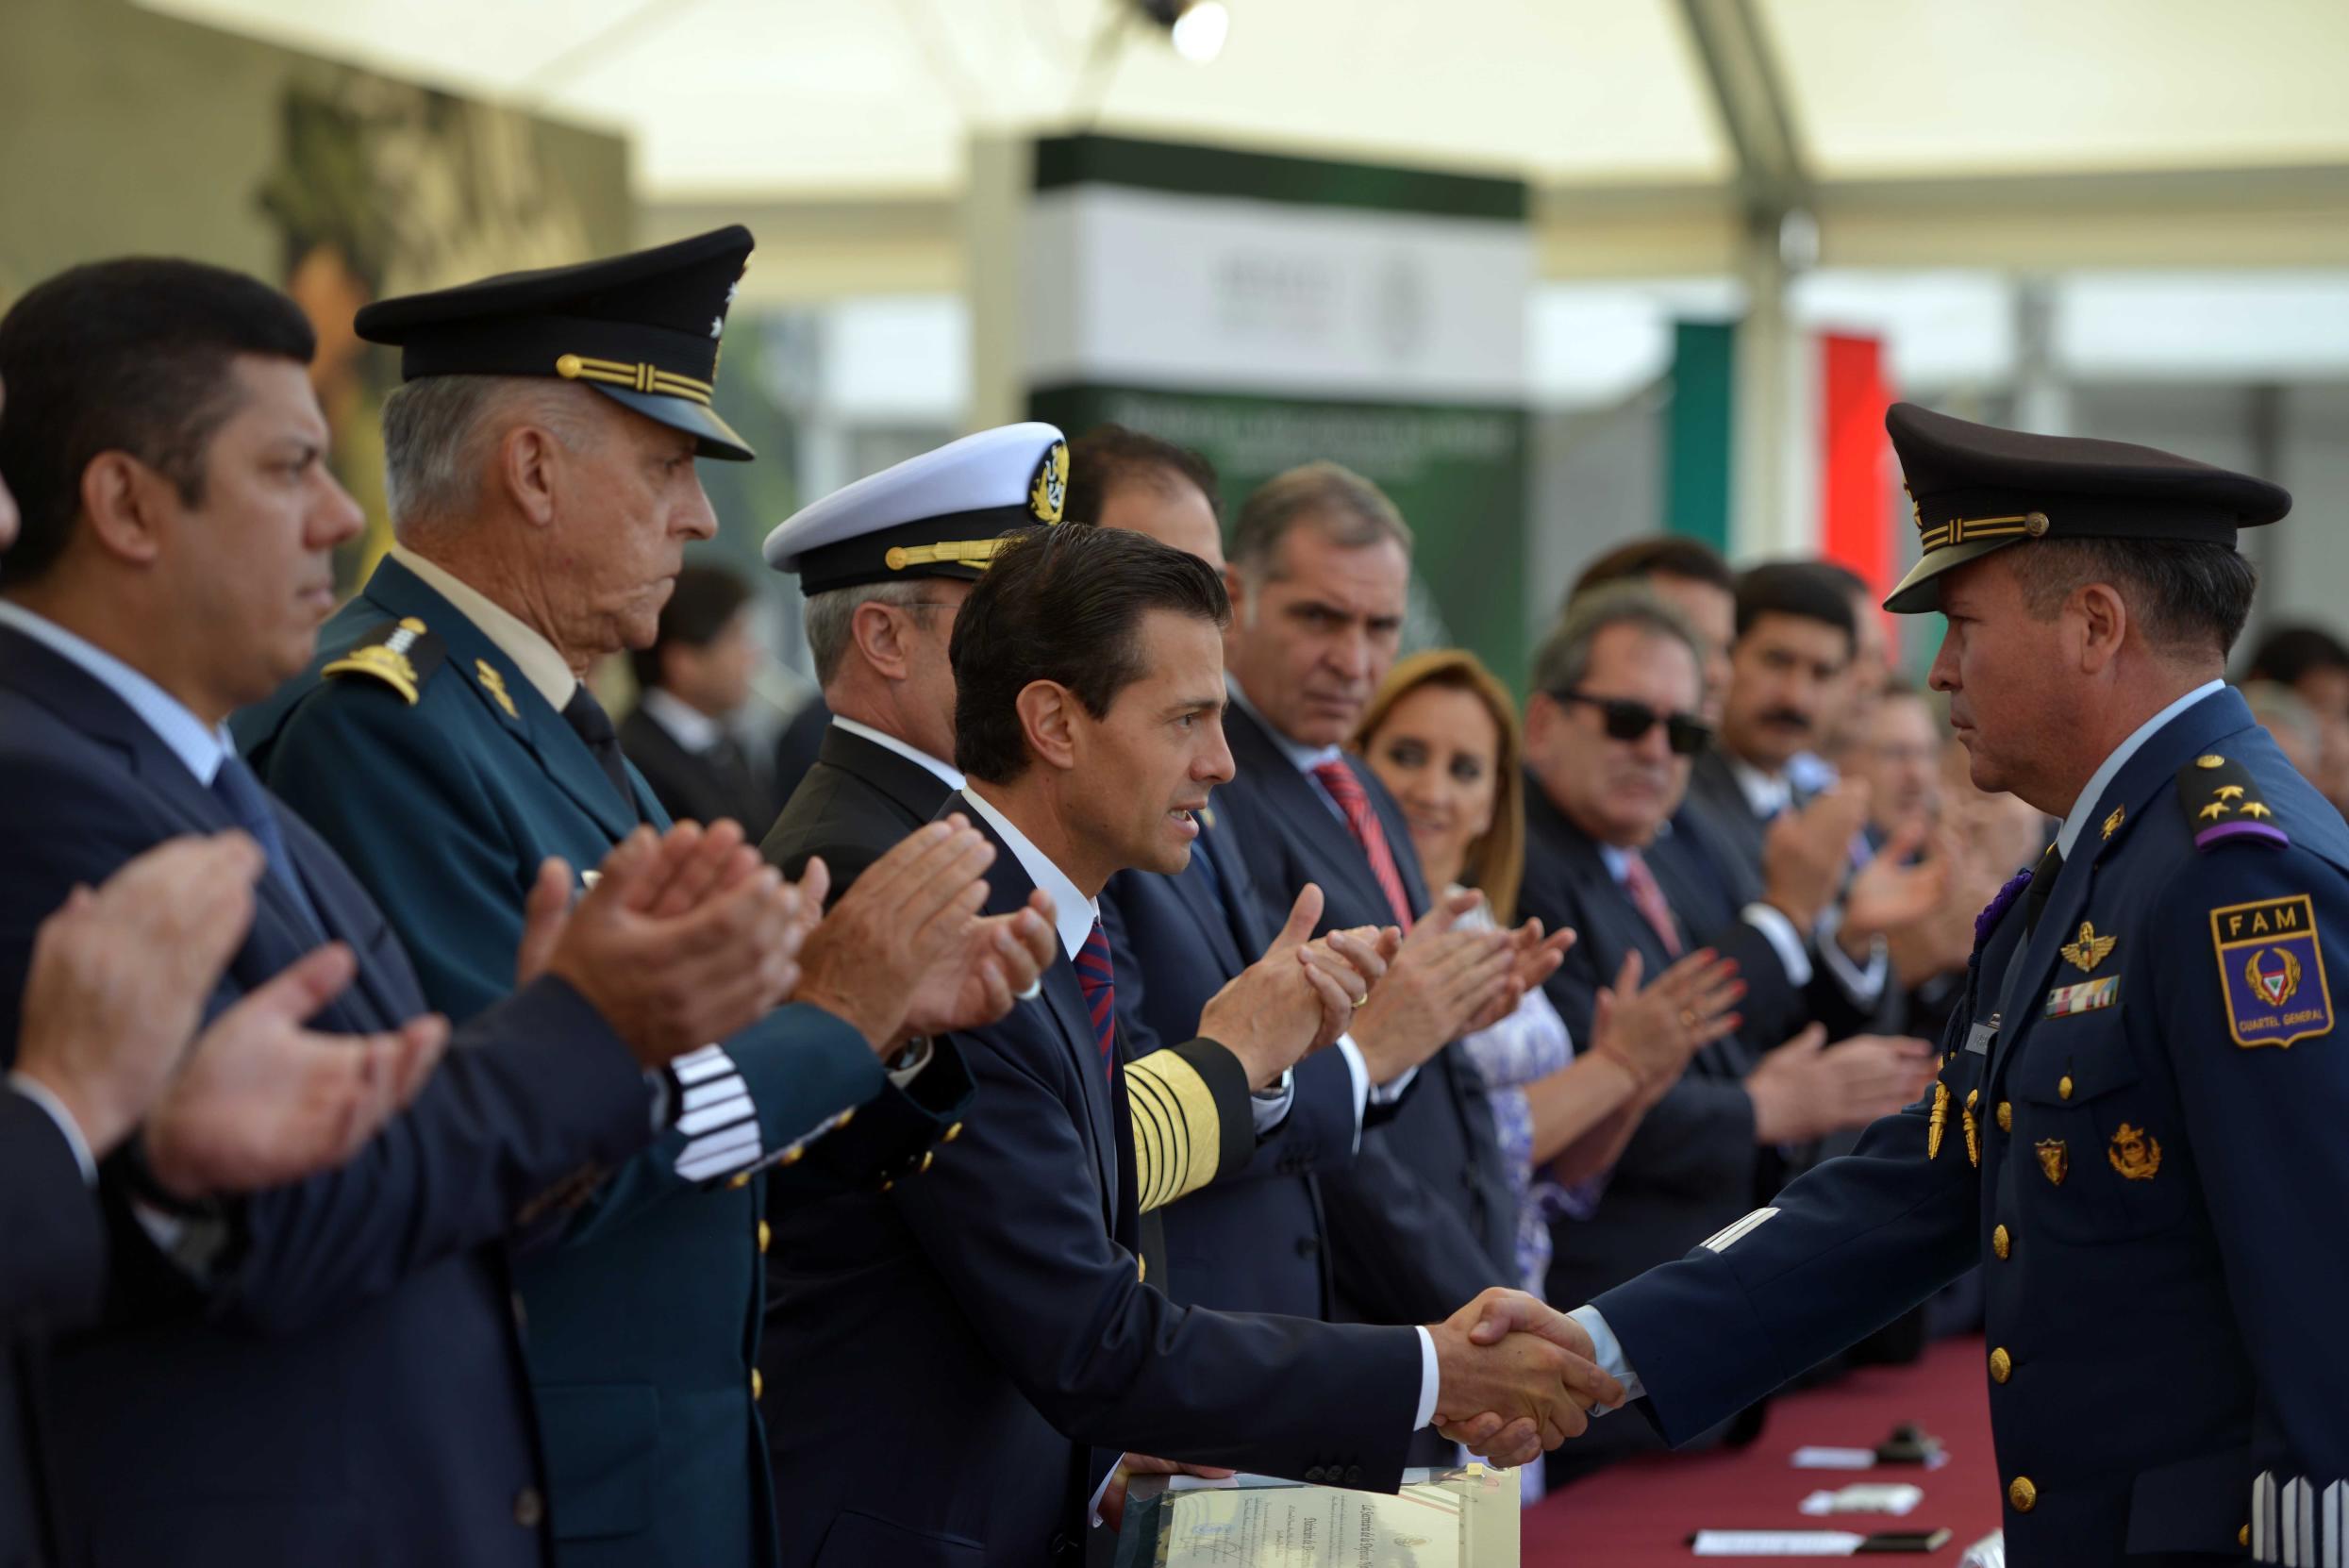 Se honró la memoria de 114 soldados y marinos que perdieron la vida en el cumplimiento de su deber durante esta Administración, y de cada uno de los integrantes de nuestras Fuerzas Armadas que han dado su vida por México.